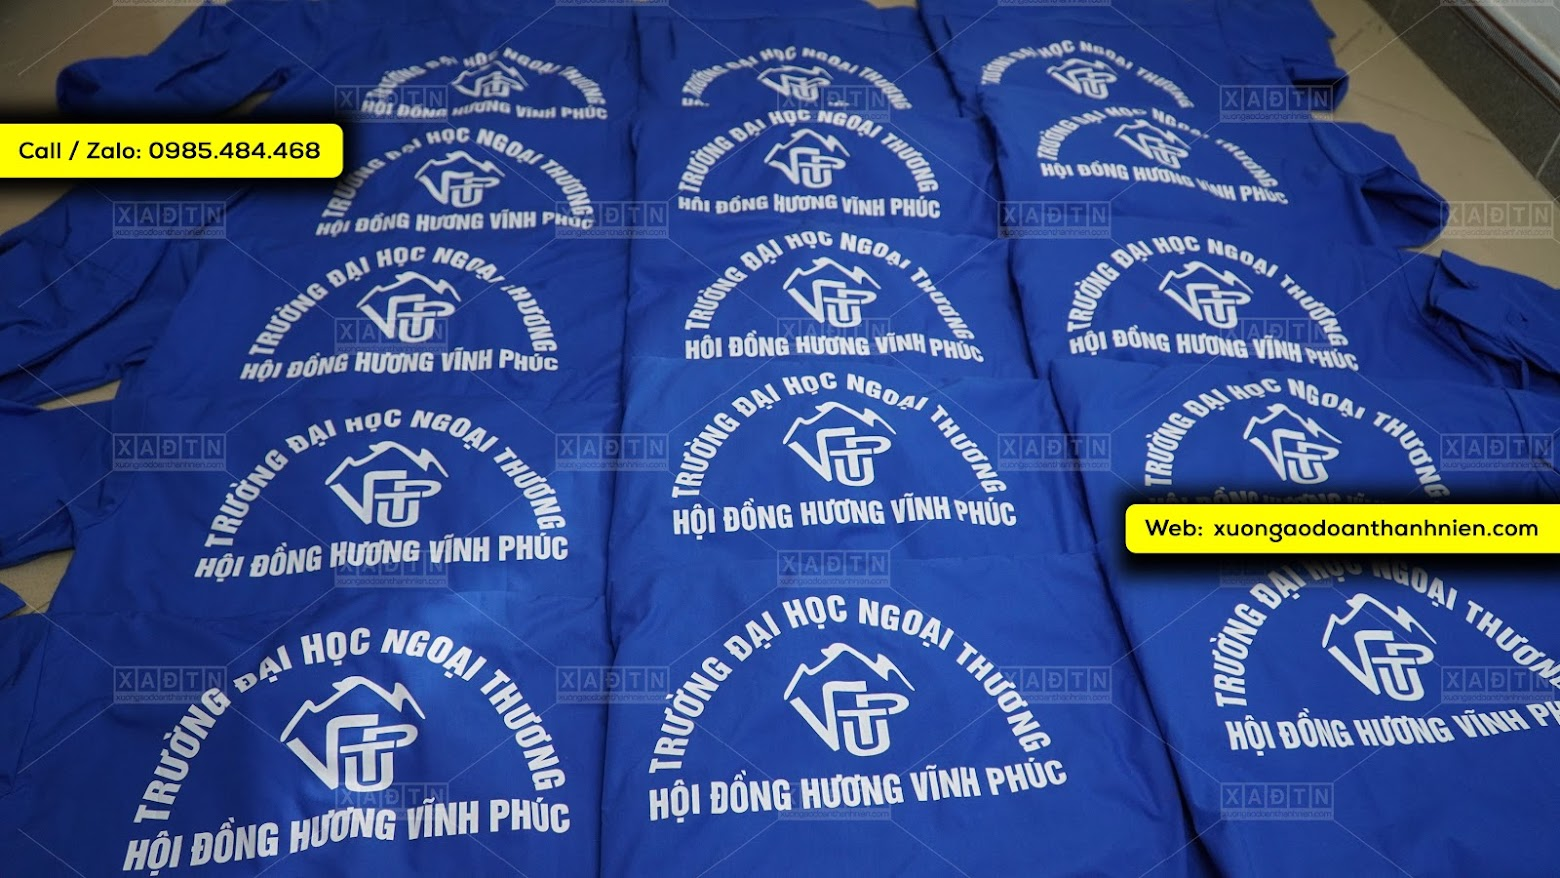 Đơn hàng Hội Đồng Hương Vĩnh Phúc